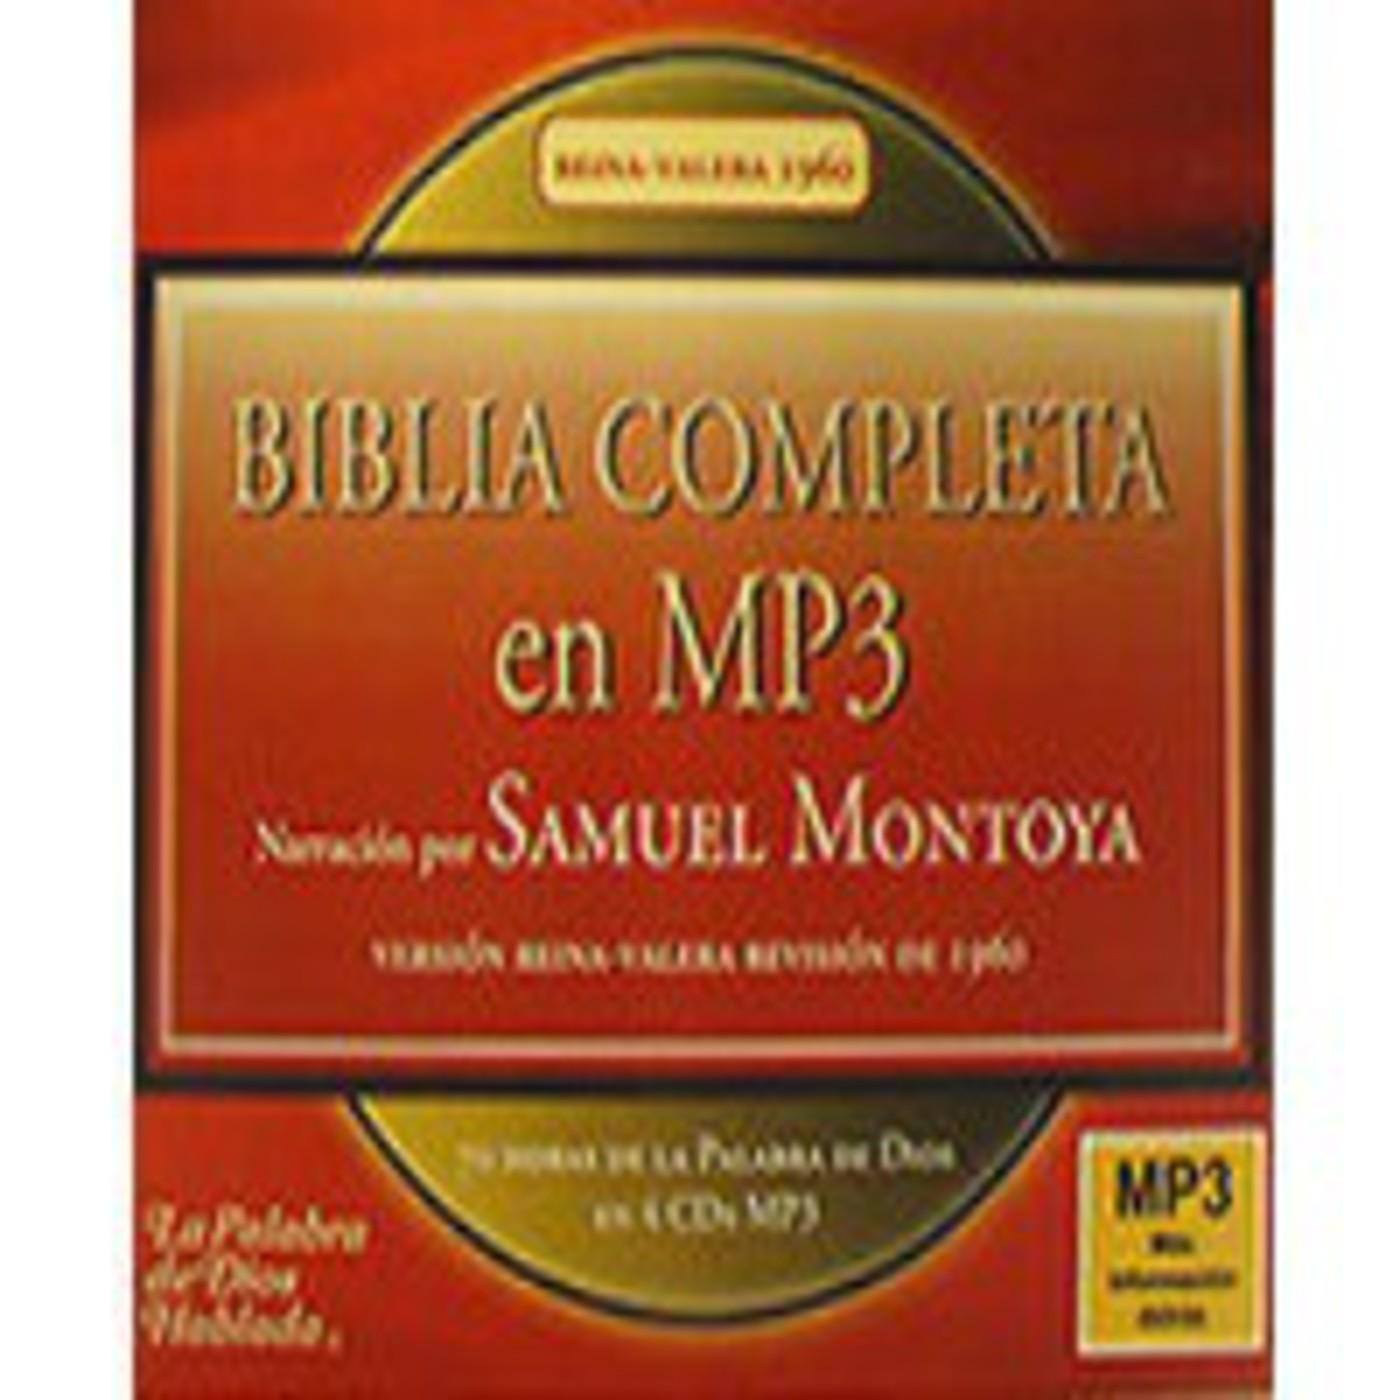 [001/156]BIBLIA en MP3 - Antiguo Testamento - Genesis